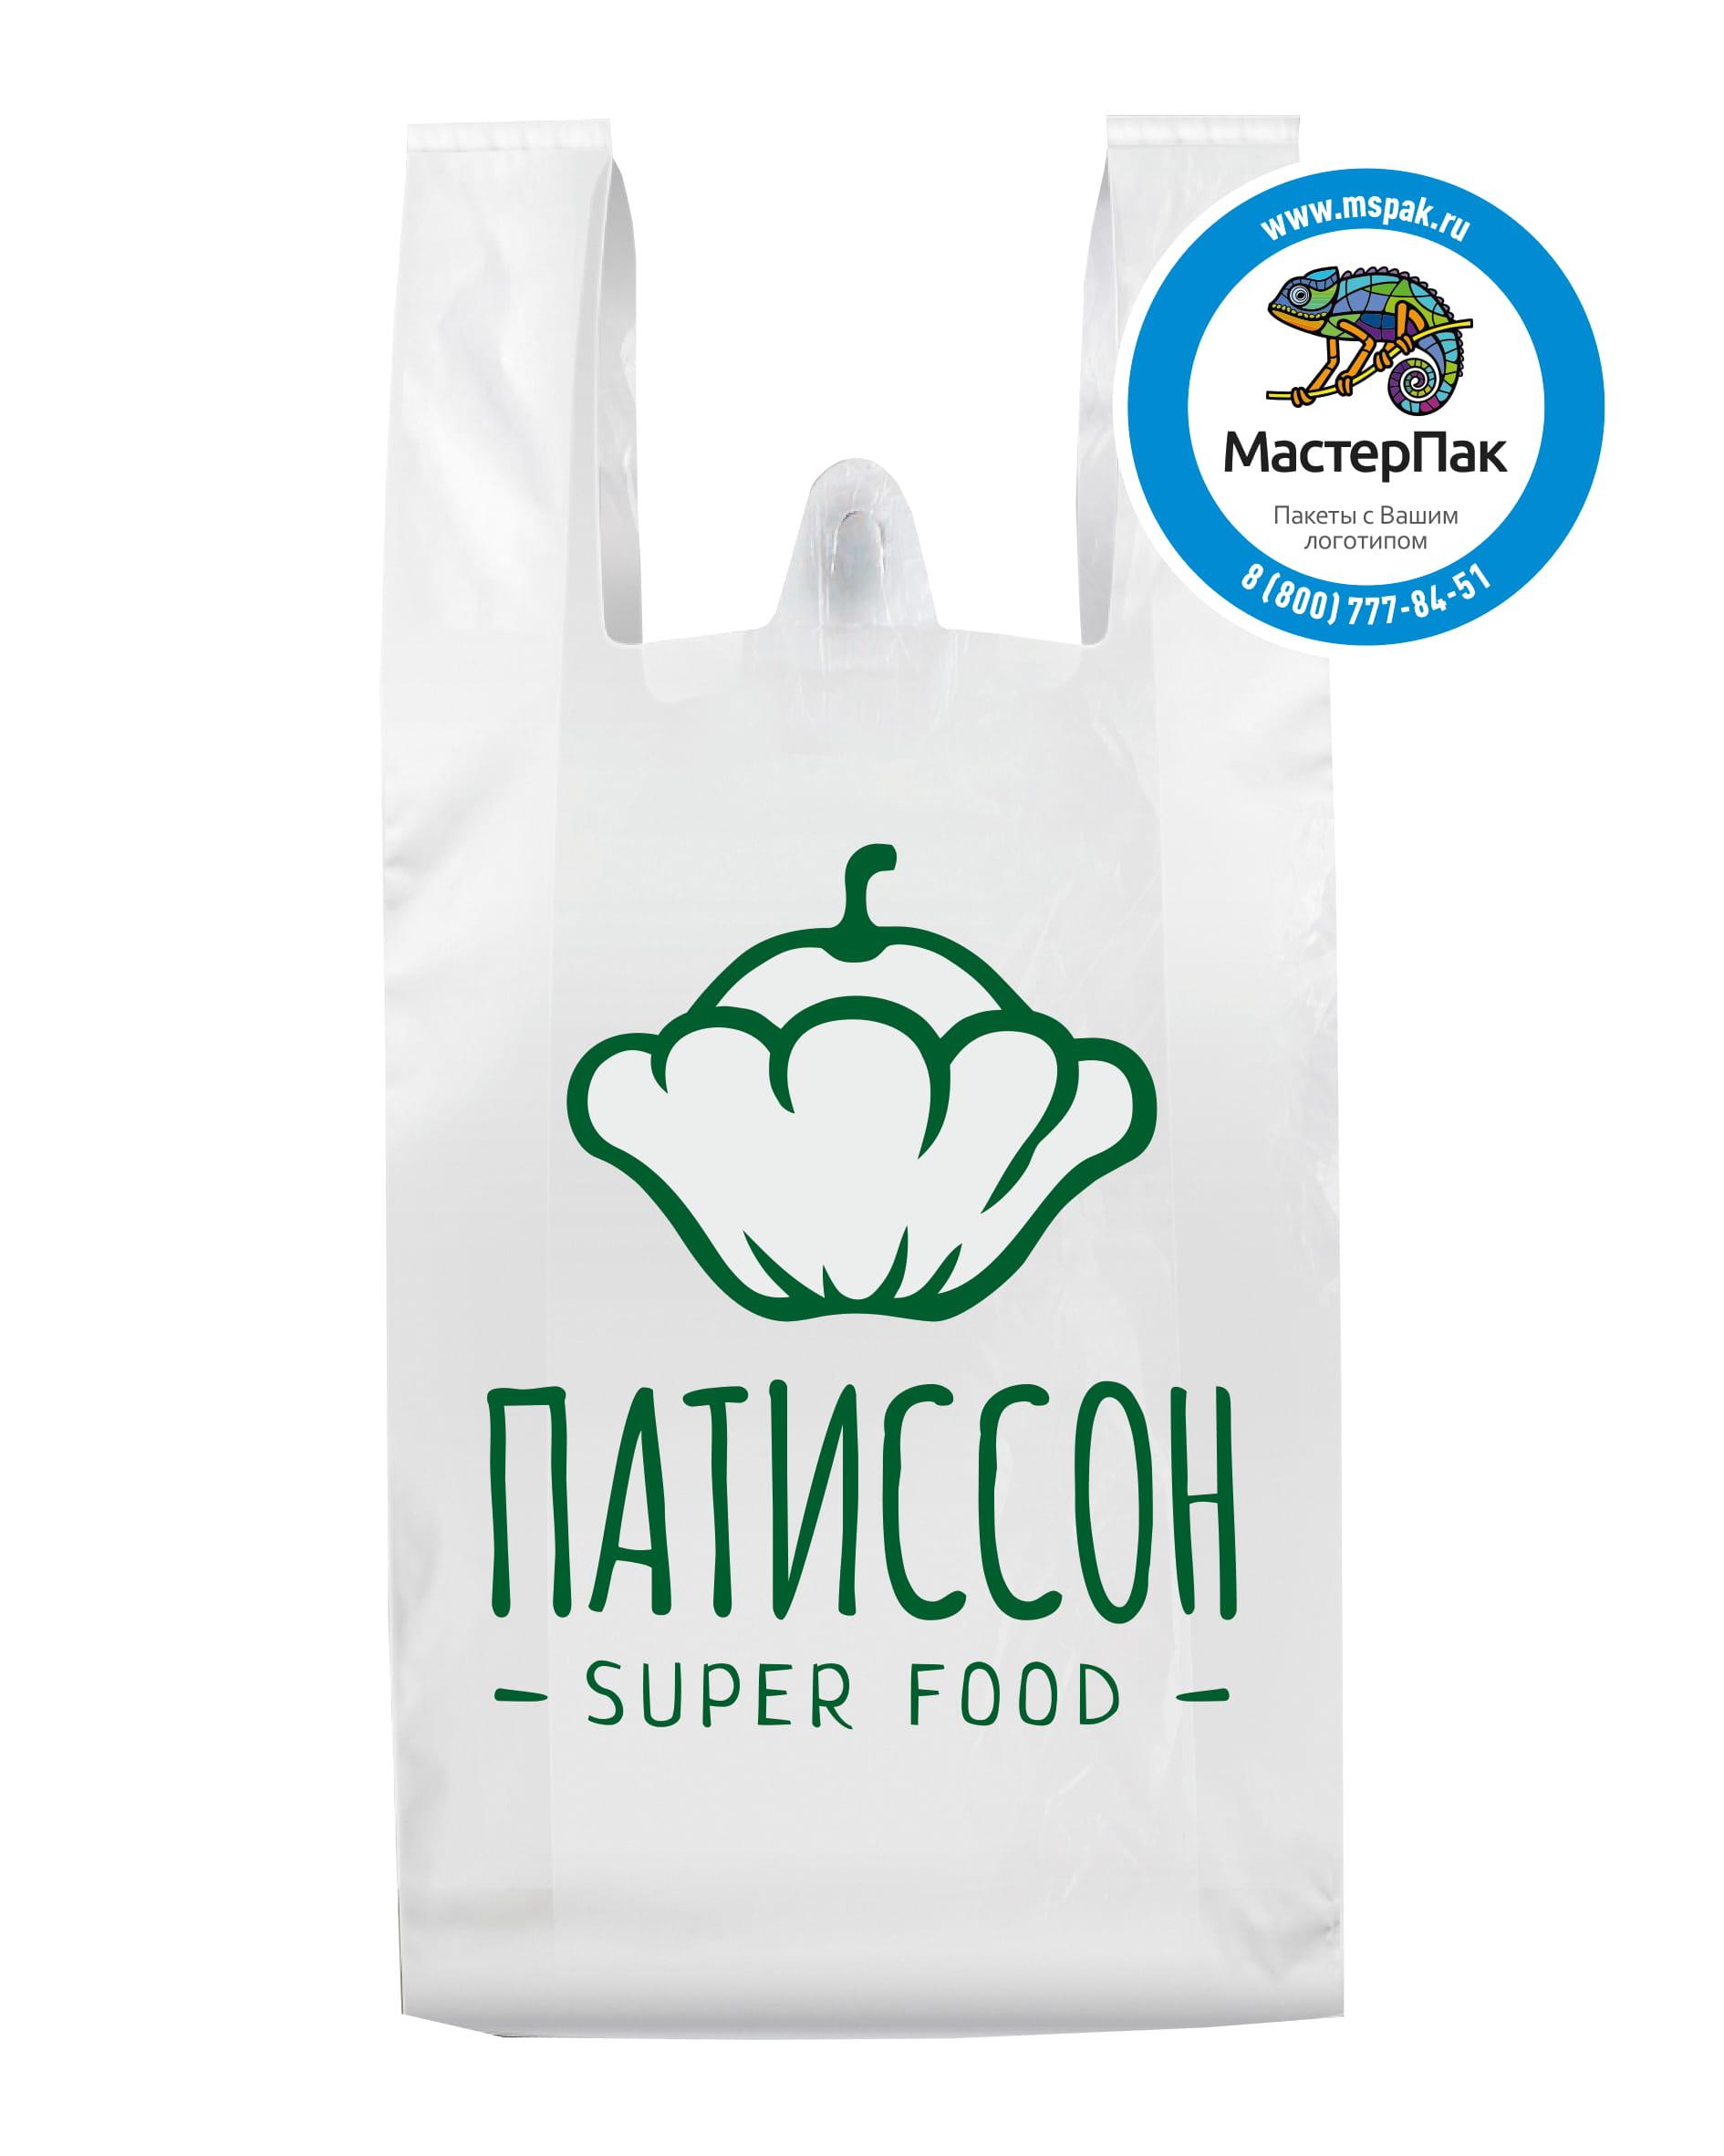 Пакет майка ПНД , 25 мкм, размер 30+16*60 см, с логотипом в один цвет для продуктового магазина «Патиссон»